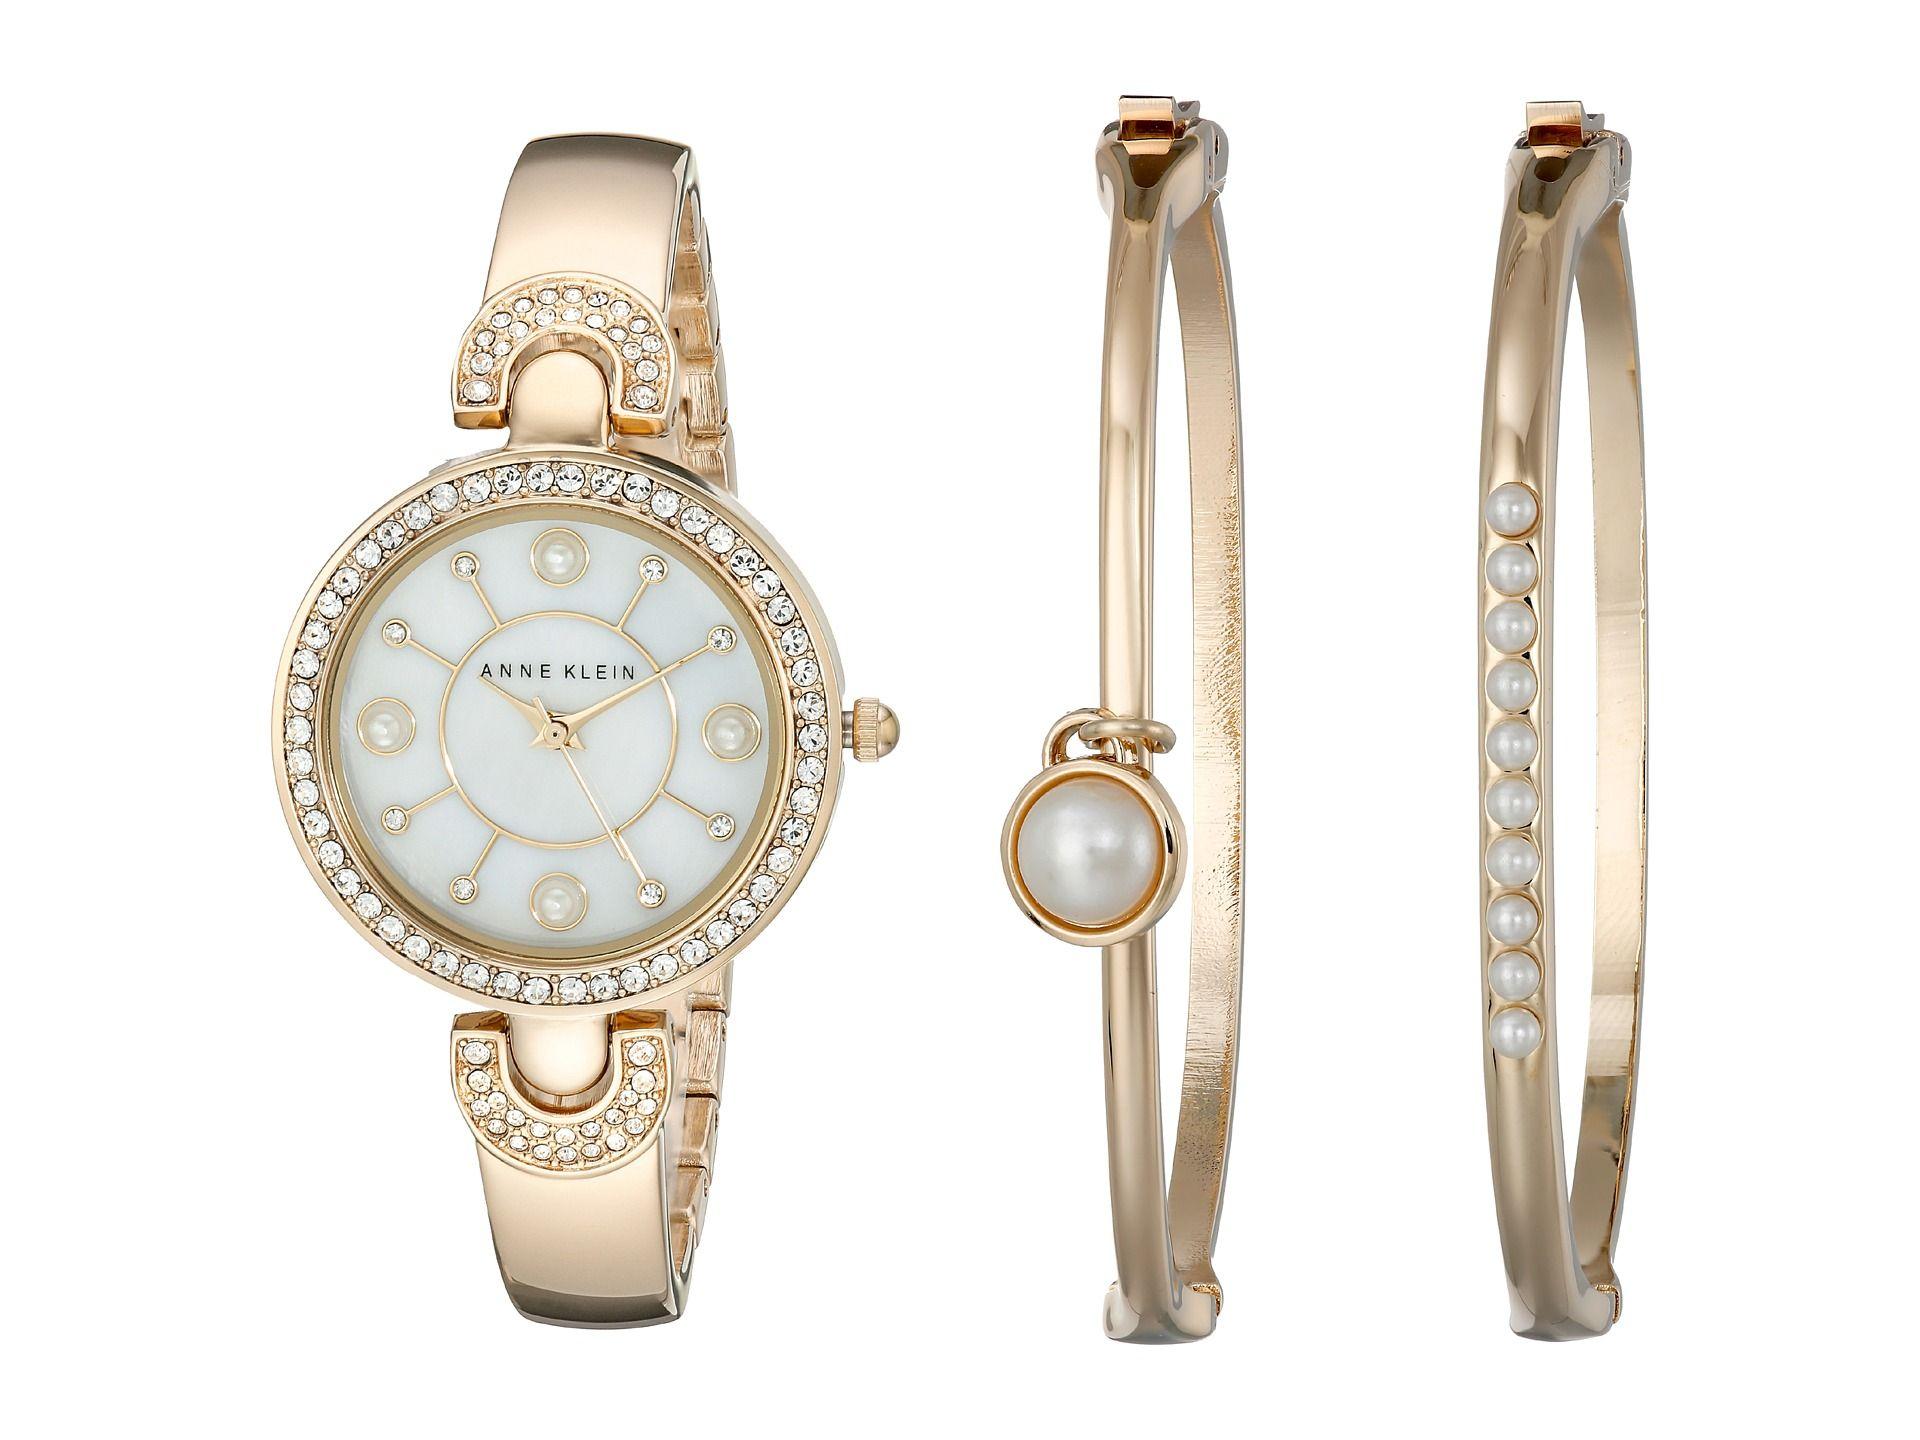 Đồng hồ Anne Klein lôi cuốn và tinh tế chắc chắn sẽ khiến bạn không thể rời mắt.